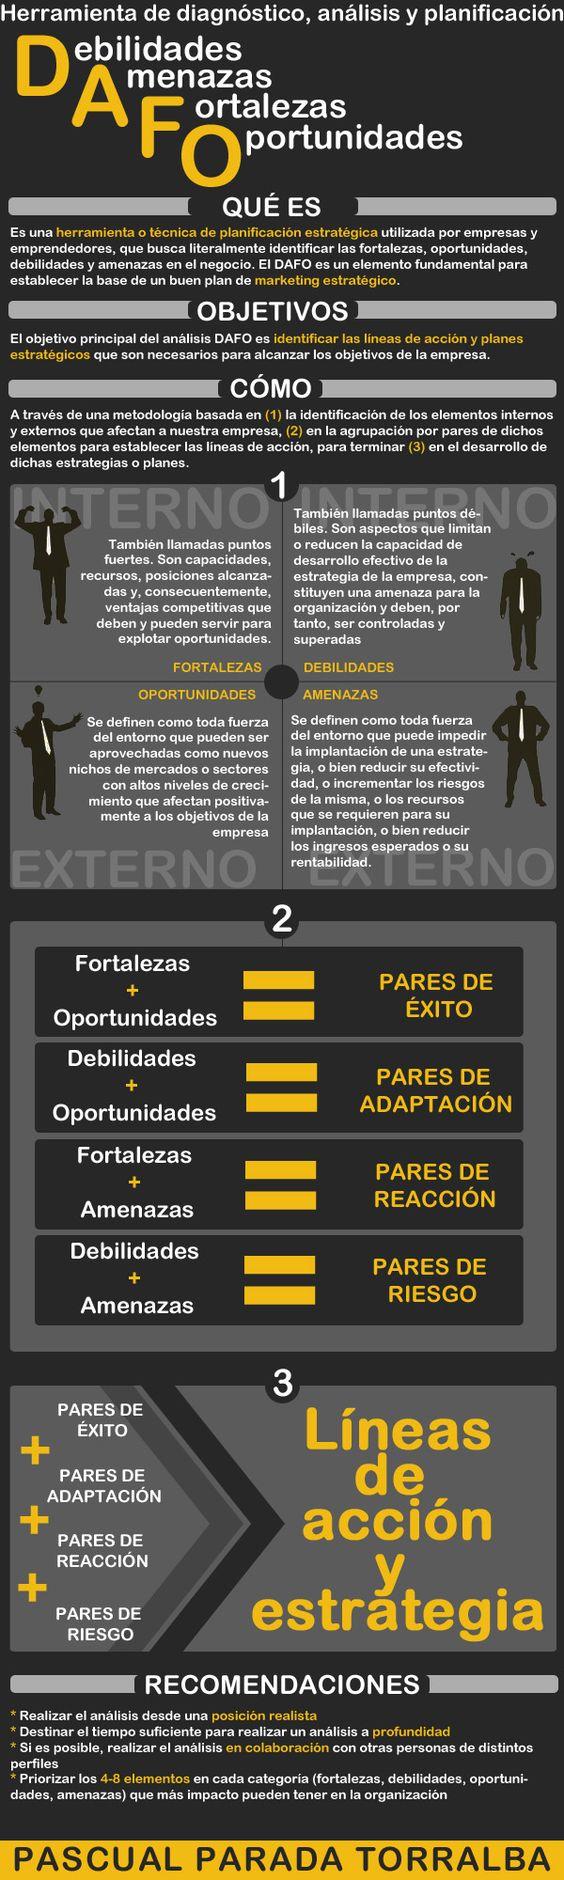 Qué es y cómo se utiliza en Análisis DAFO #infografia